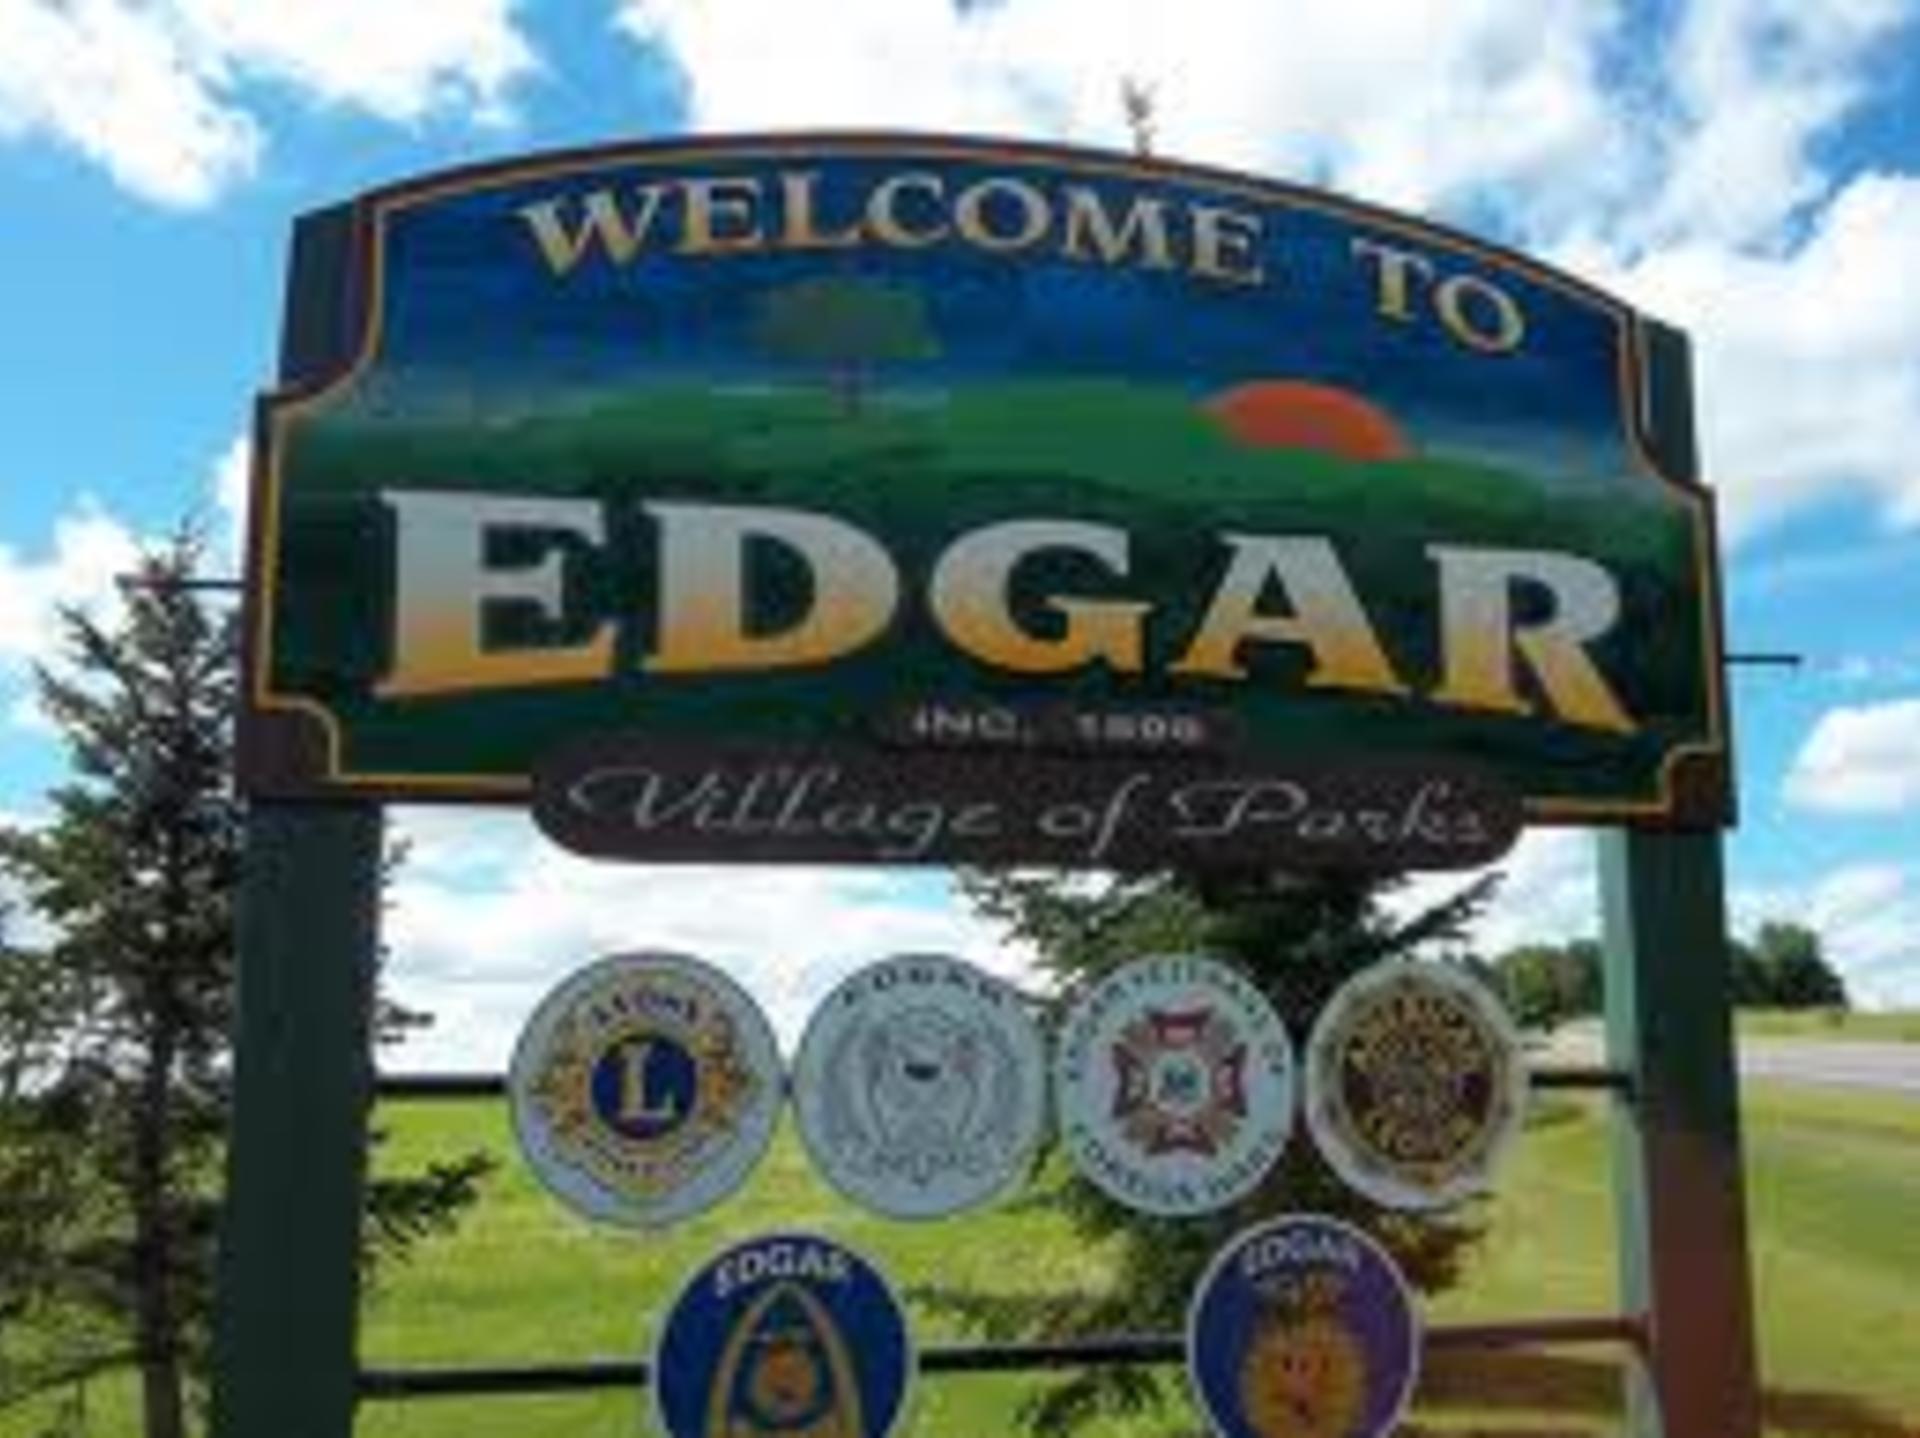 Edgar, Wisconsin